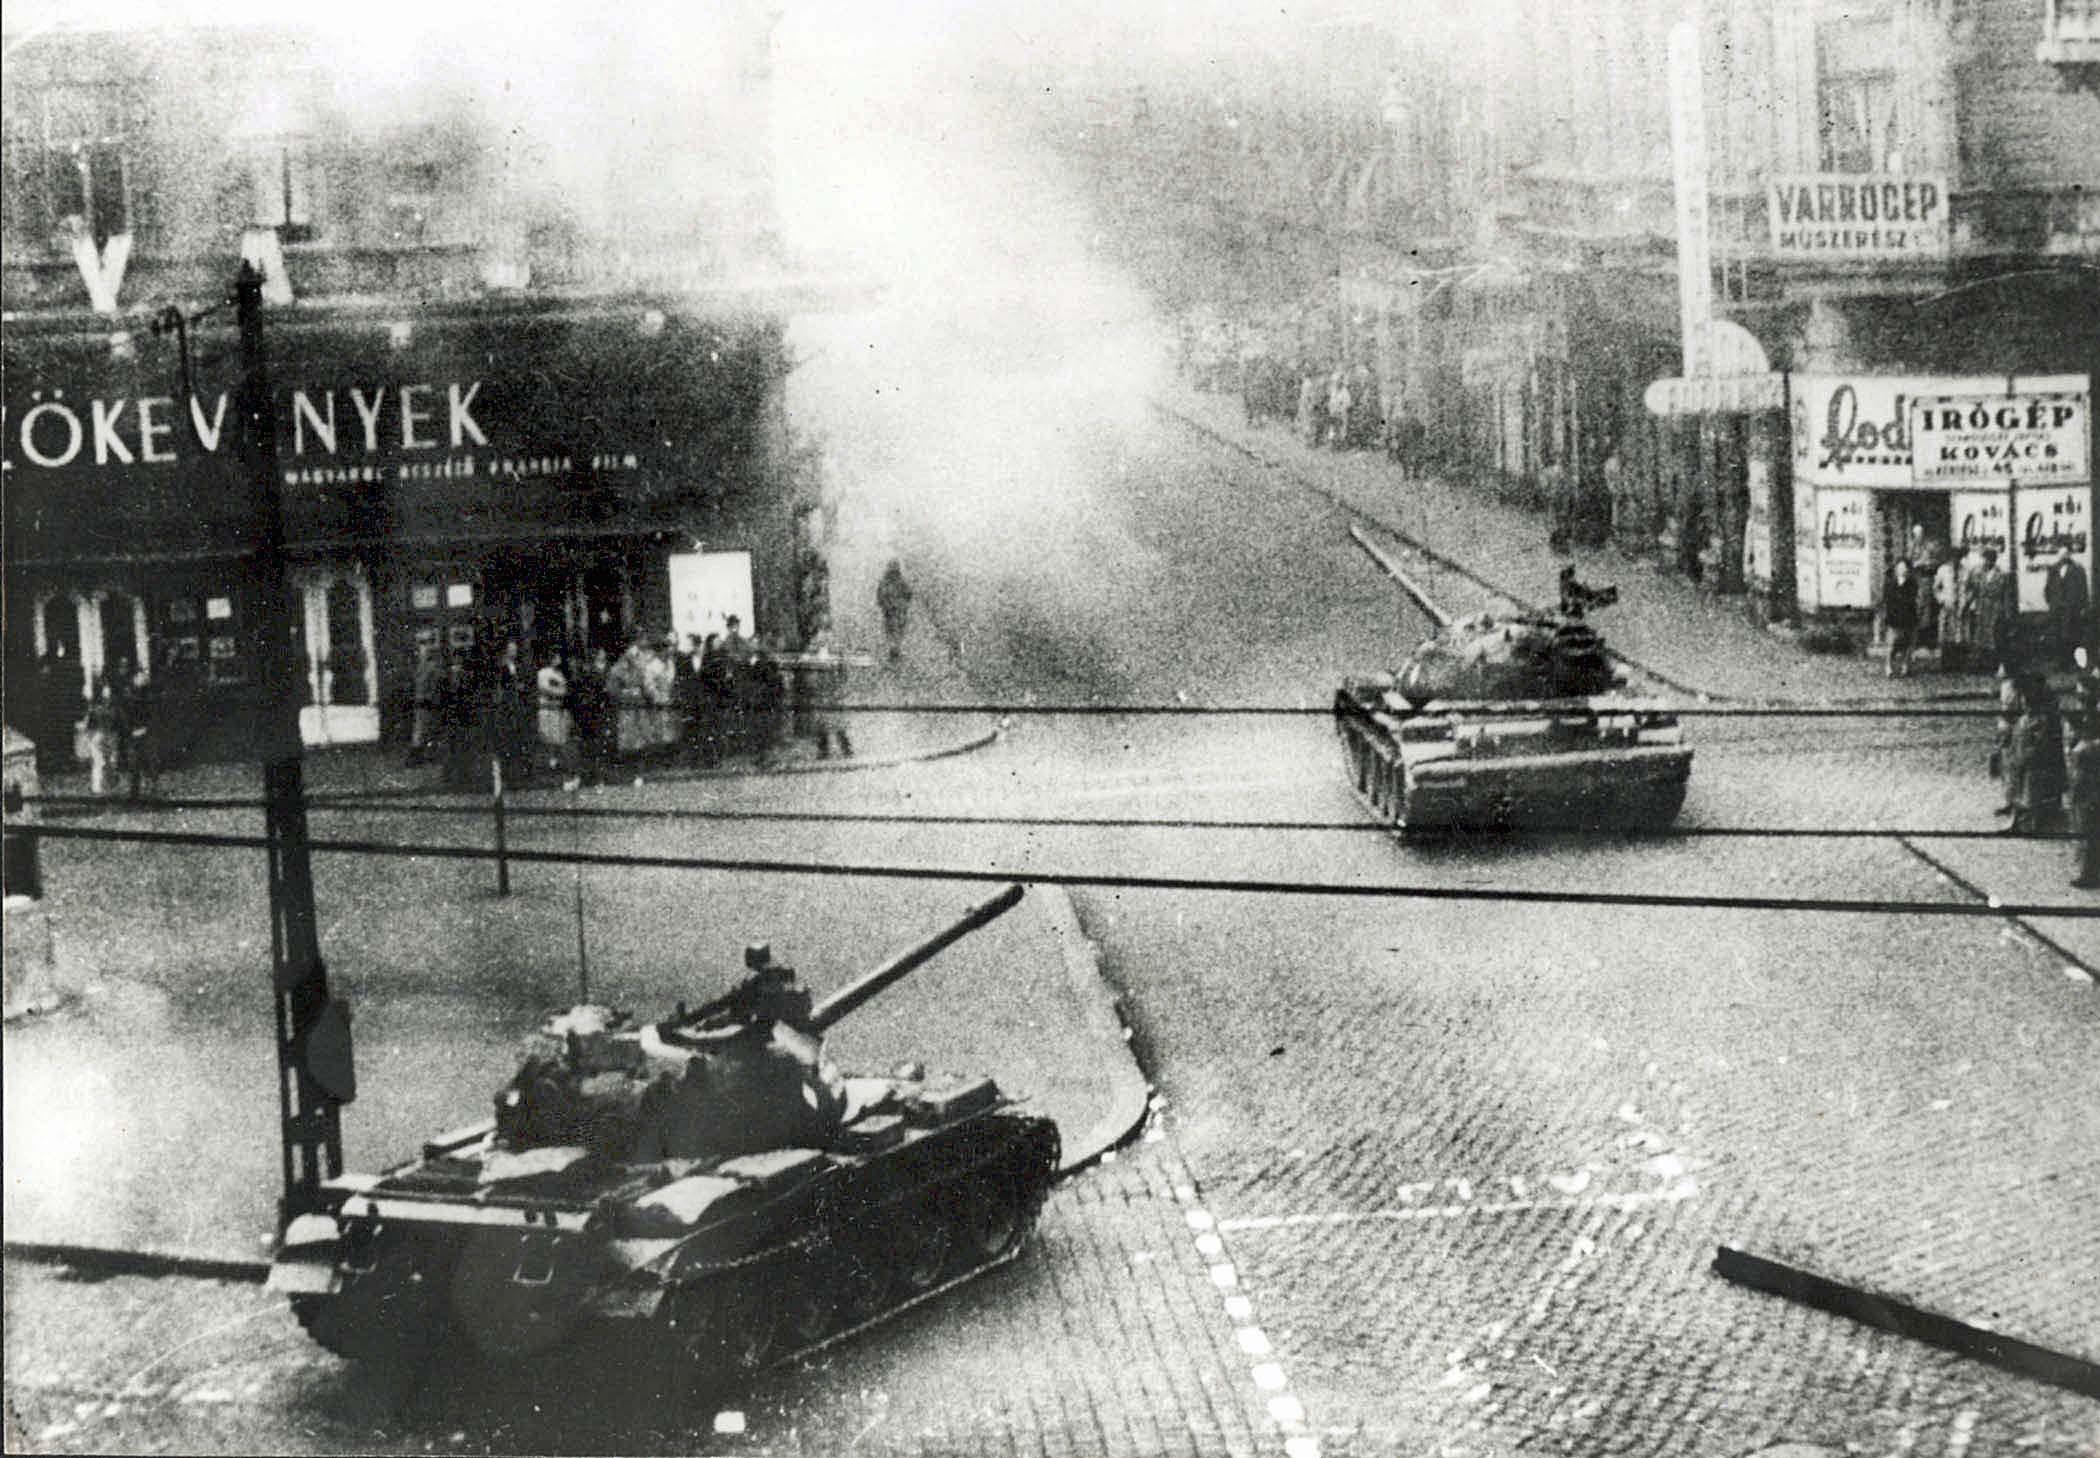 Budapest 1956: tragedia e eroismo della rivoluzione ungherese